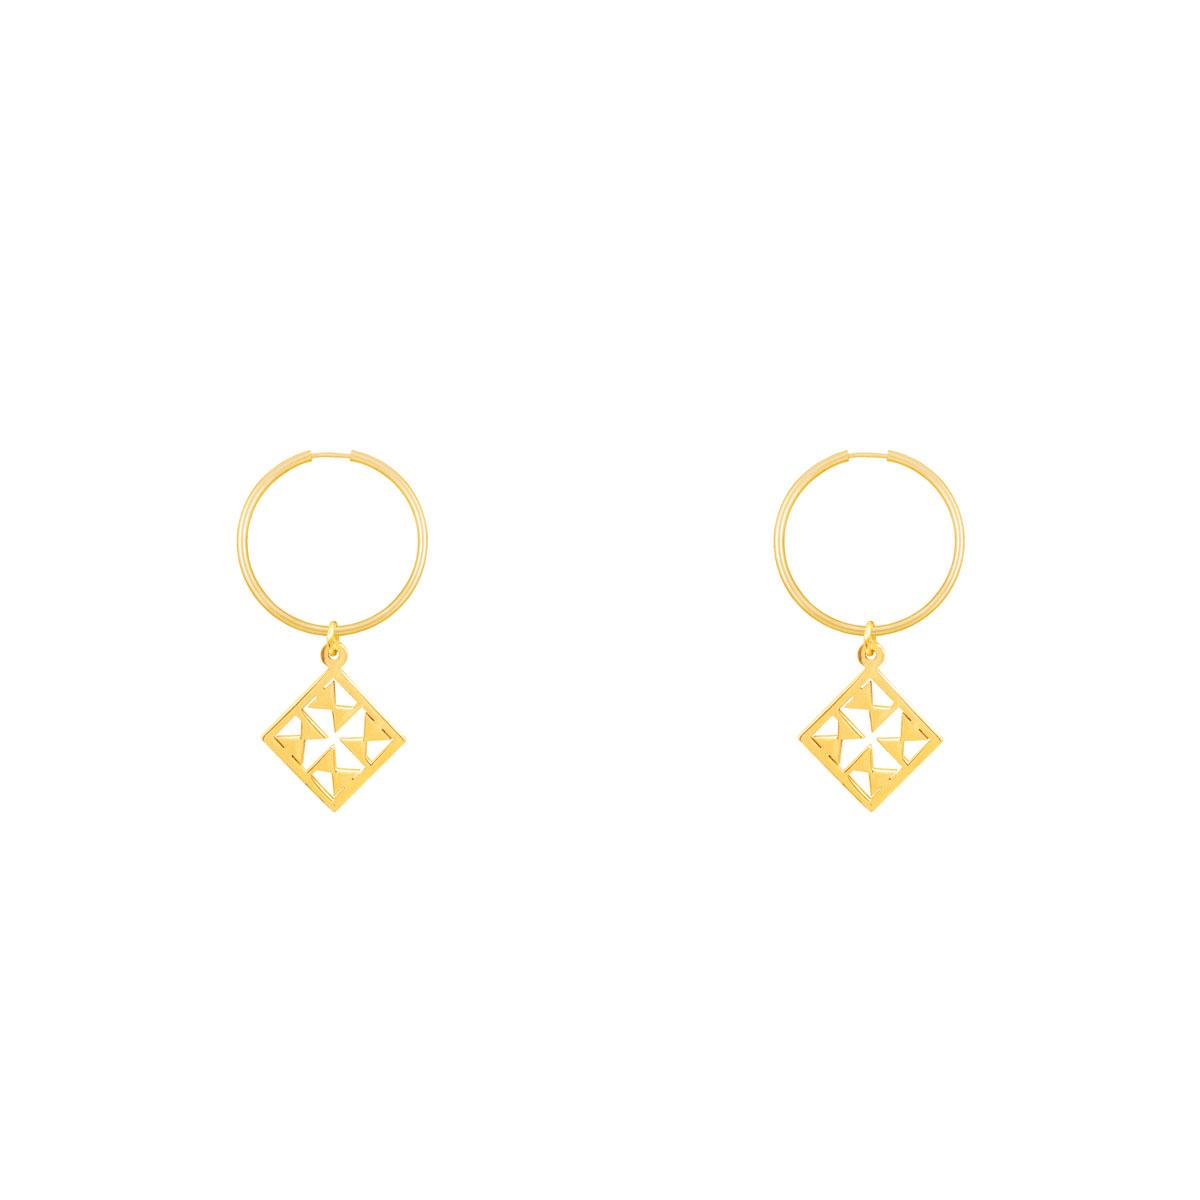 گوشواره طلا حلقه ای نورا پرسته